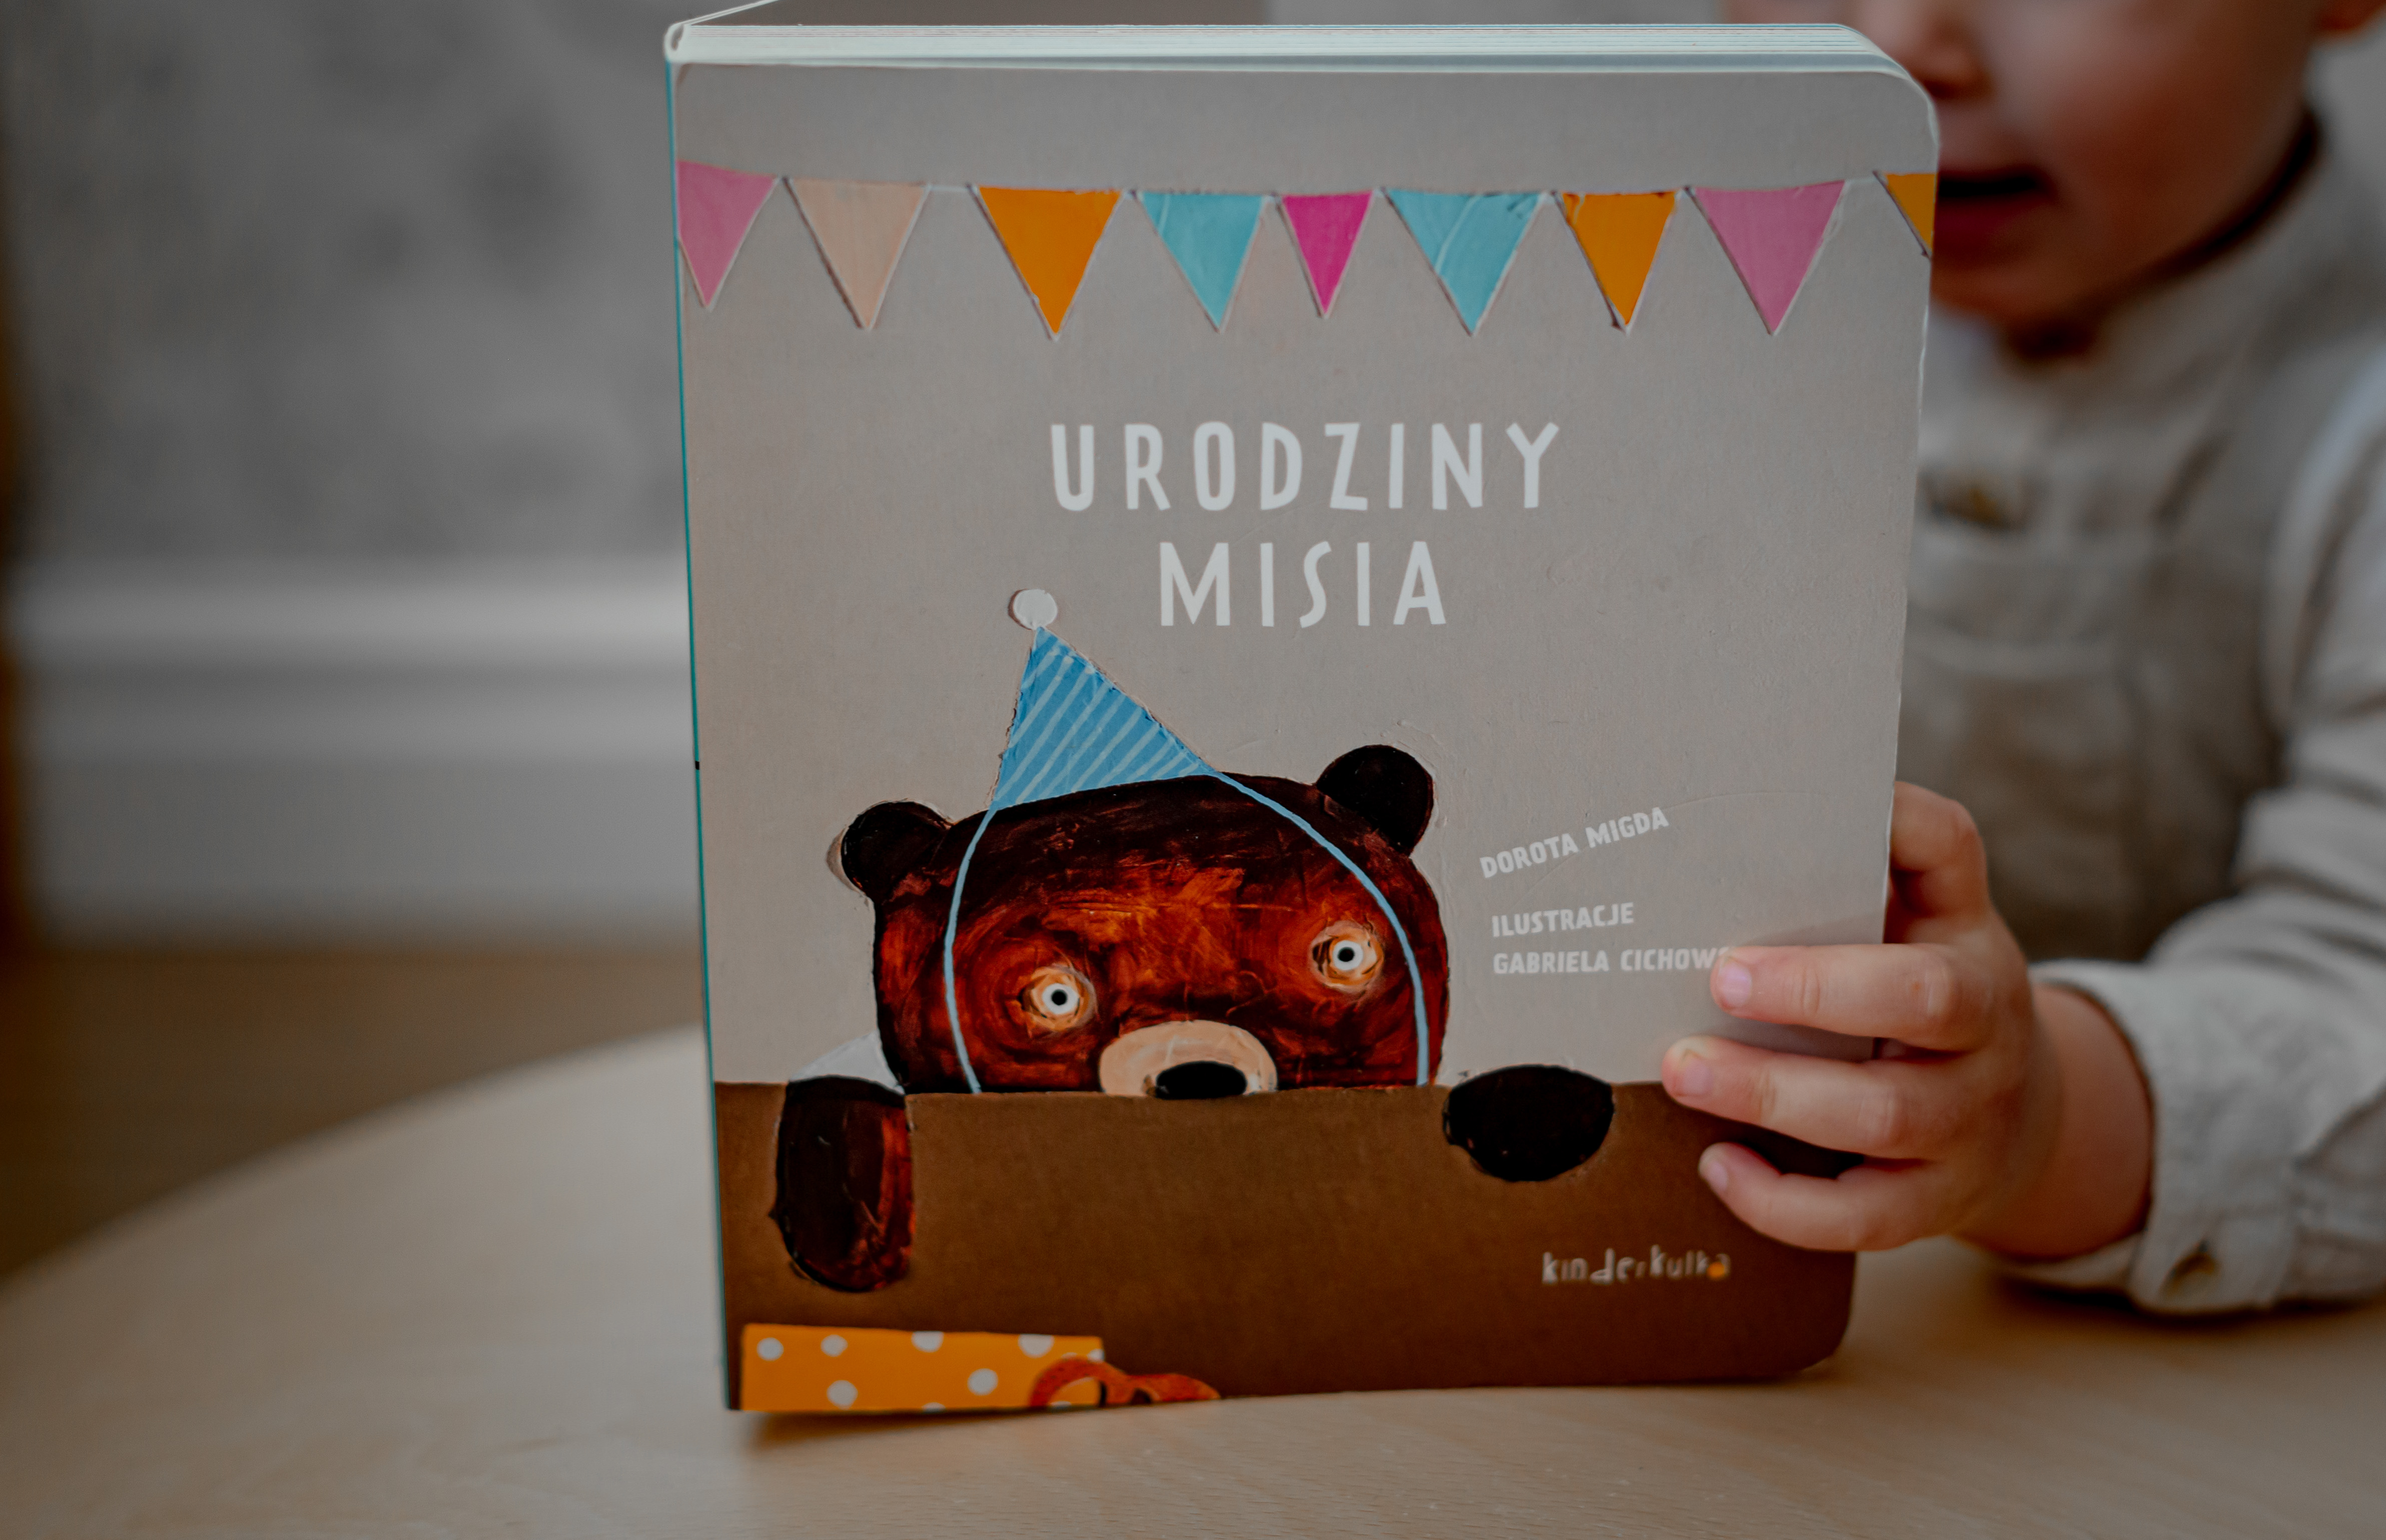 Urodziny misia,  Dorota Migda